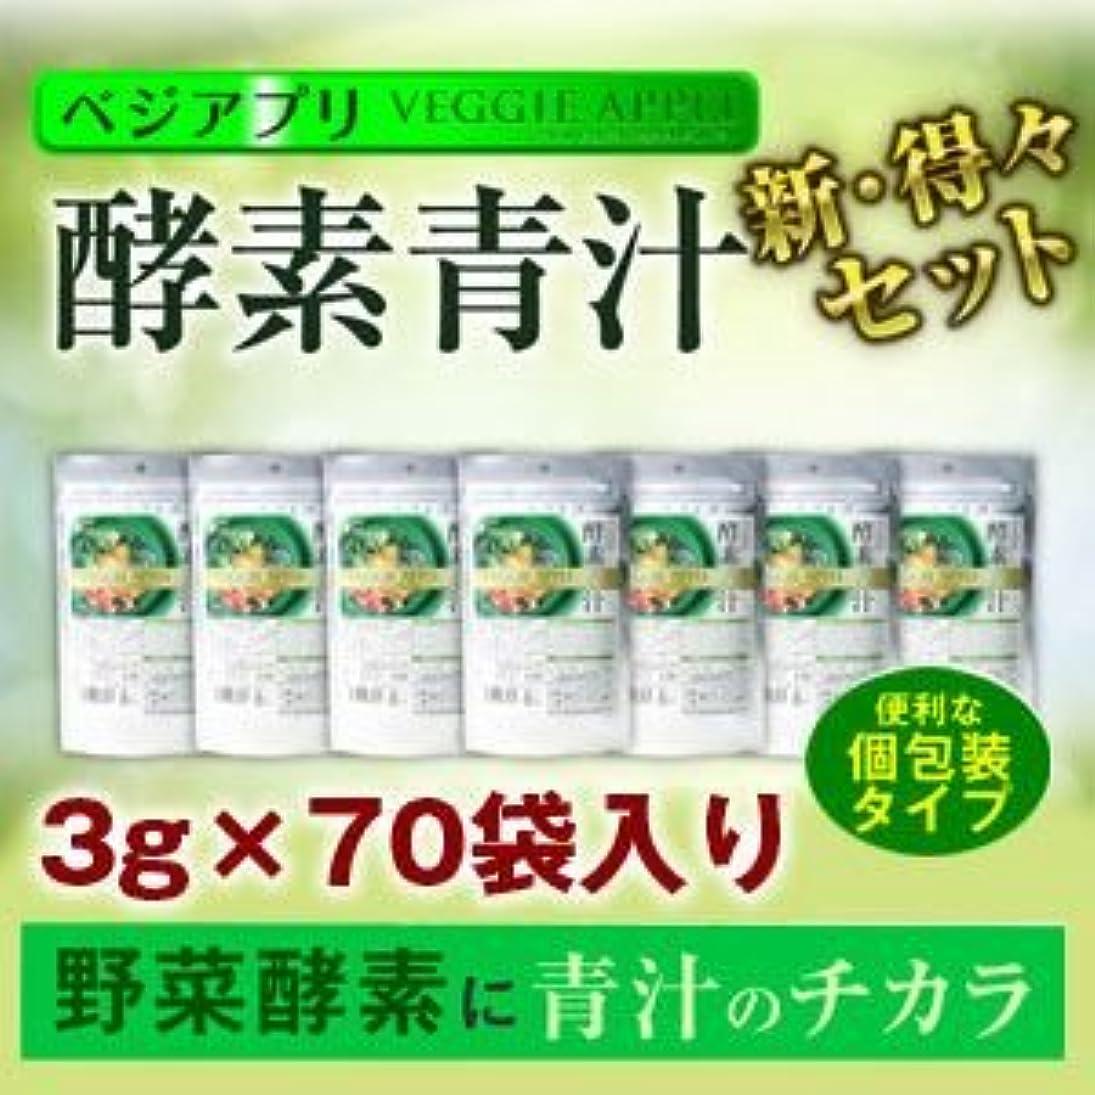 レイプ遅いラジエーターベジアプリ 酵素青汁 得々セット70袋入り(置き換えダイエット酵素ドリンク)